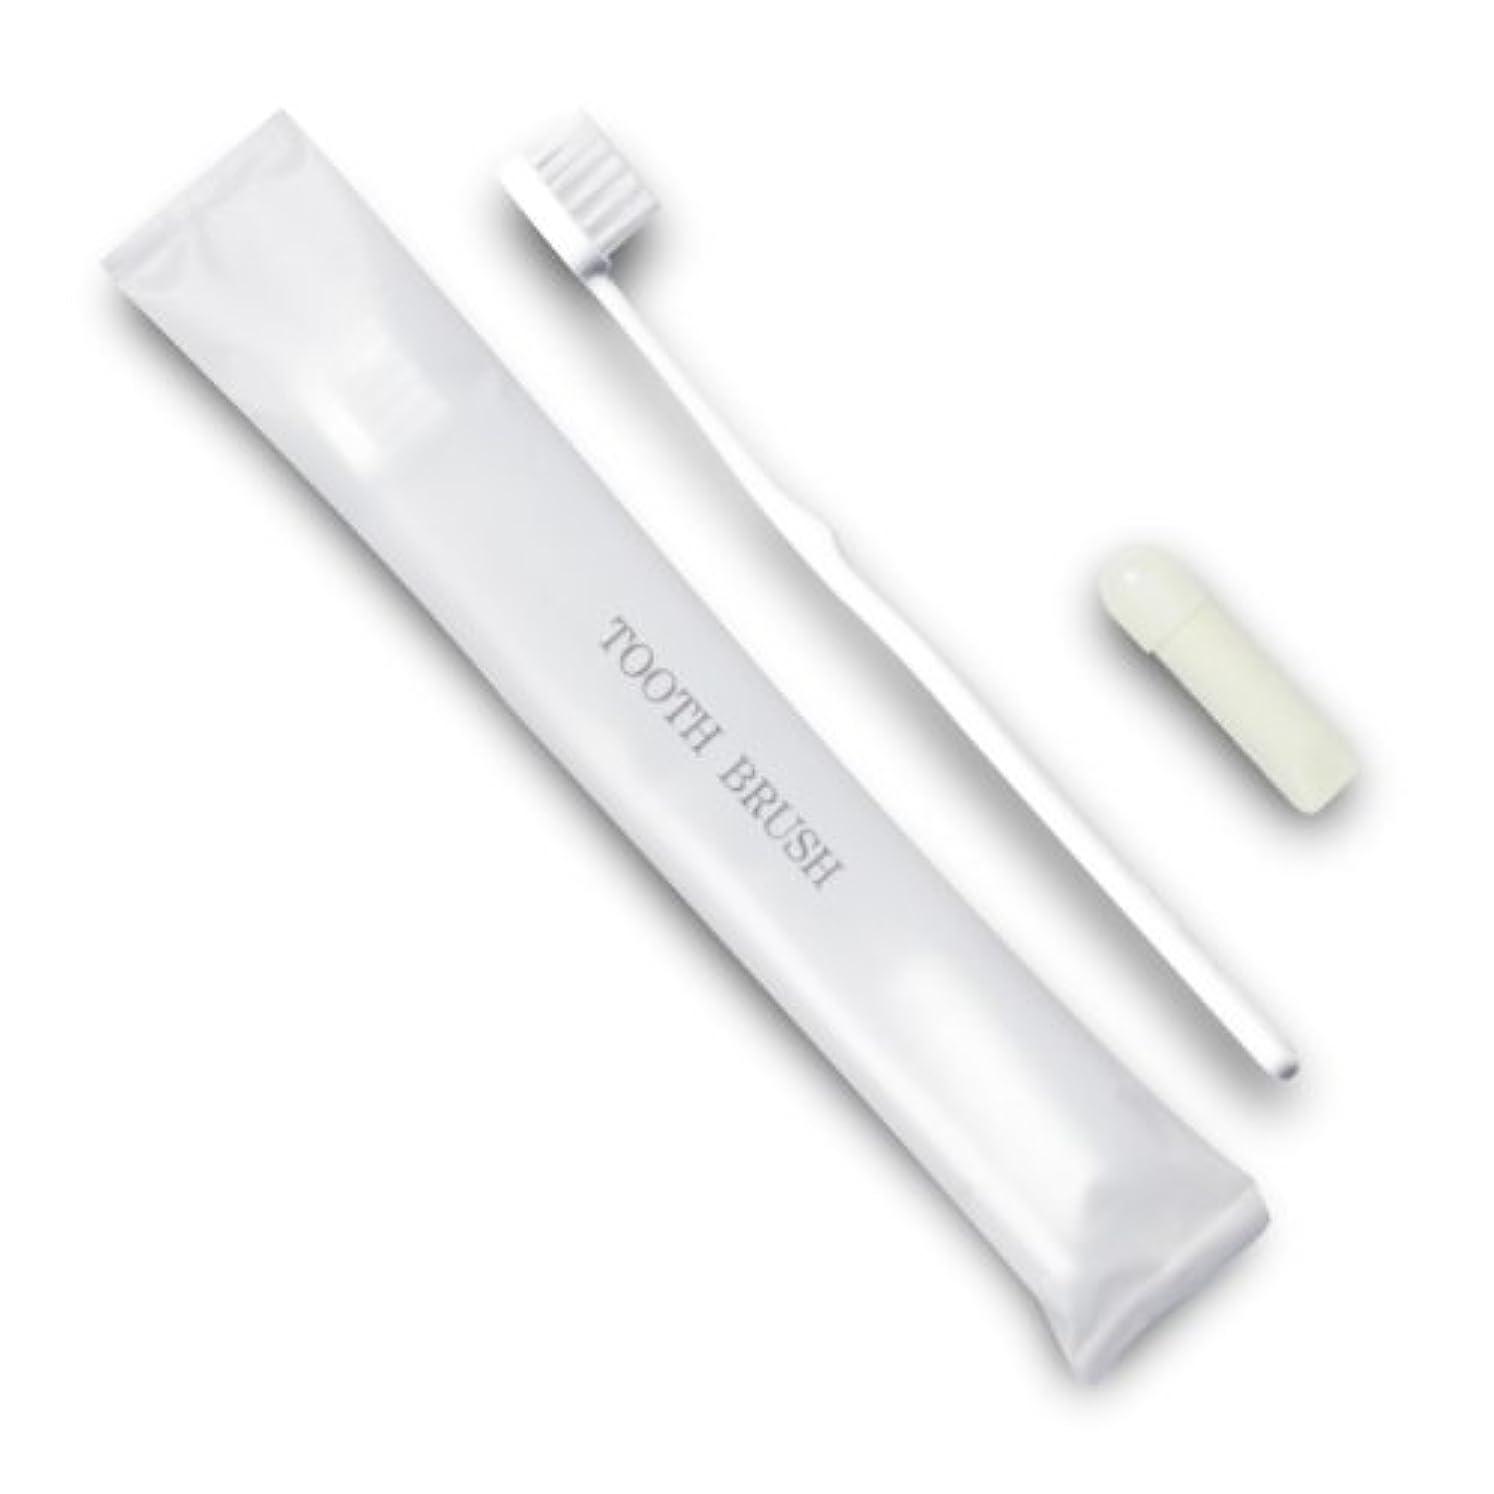 不規則性努力する国勢調査ホテル業務用歯ブラシ21穴(白)3gチューブ マット袋FタイプDX 1400本